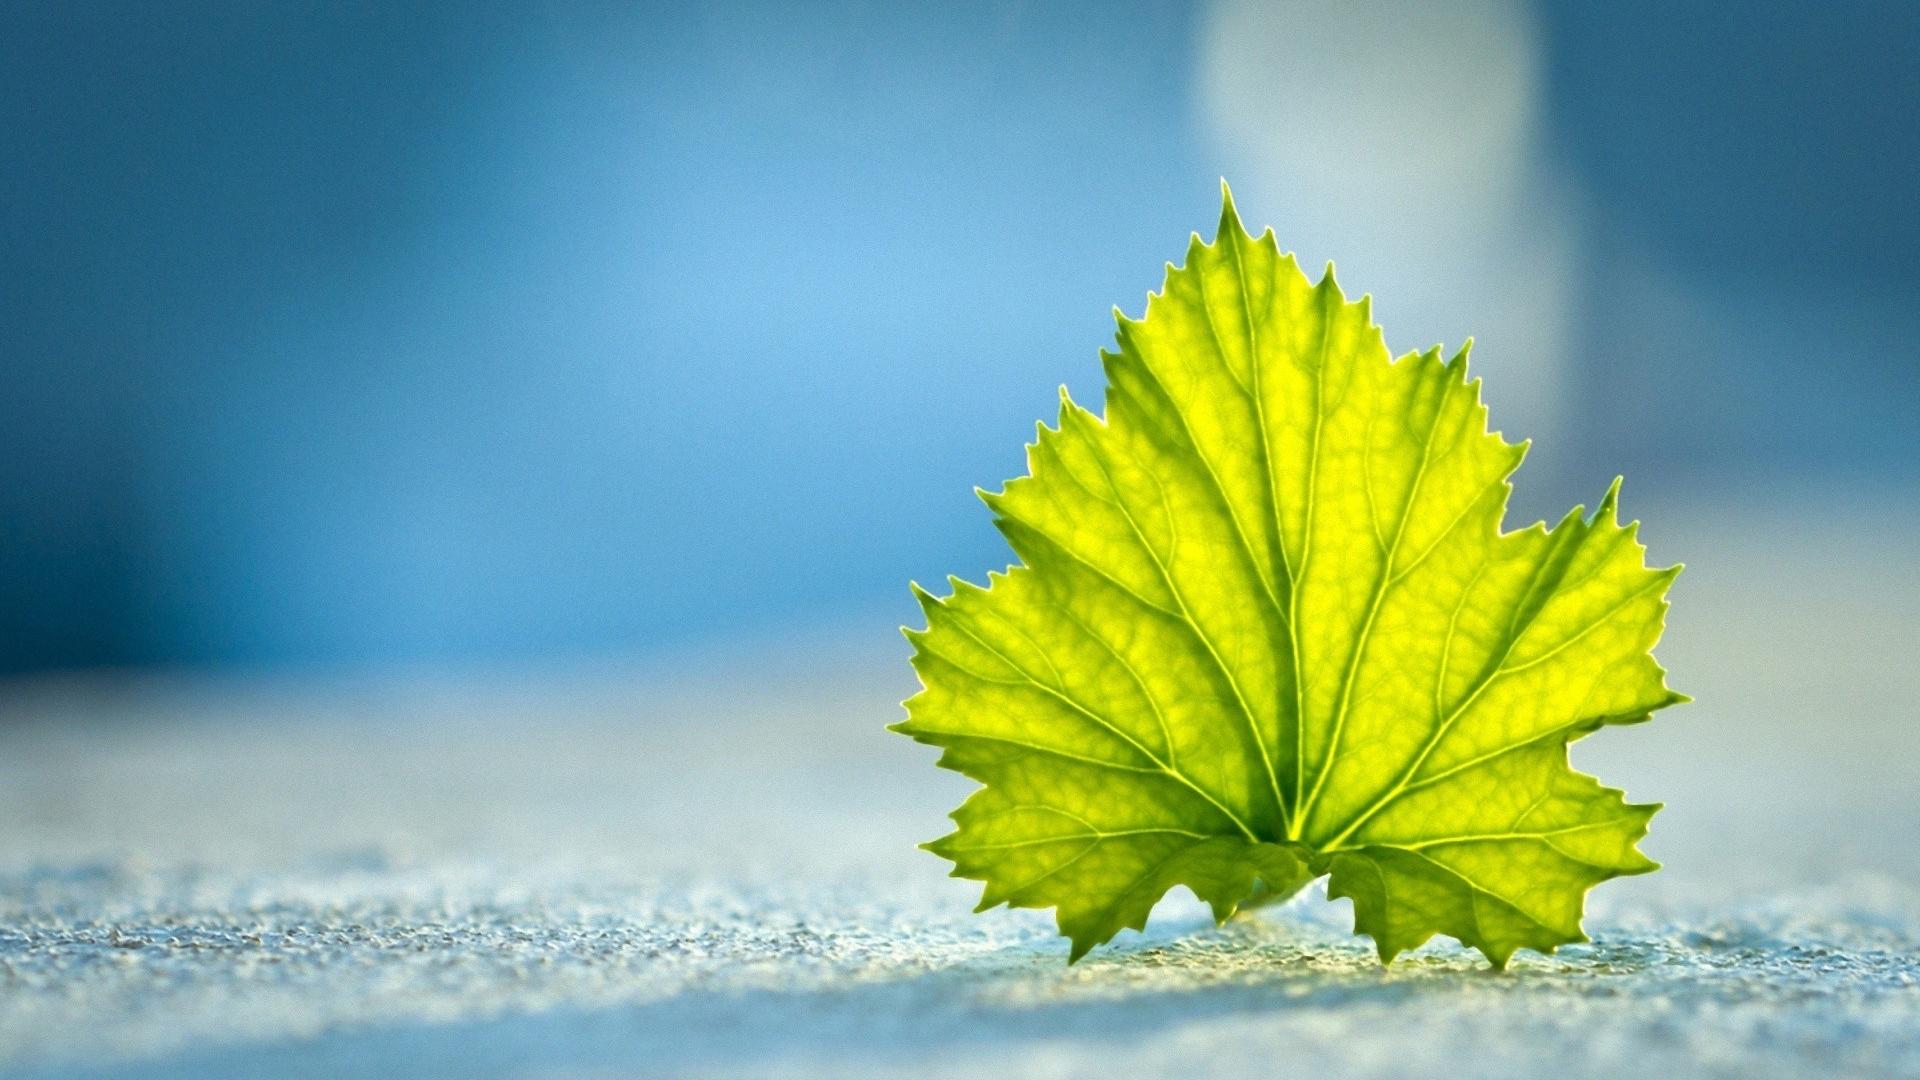 Hình nền lá cây màu xanh